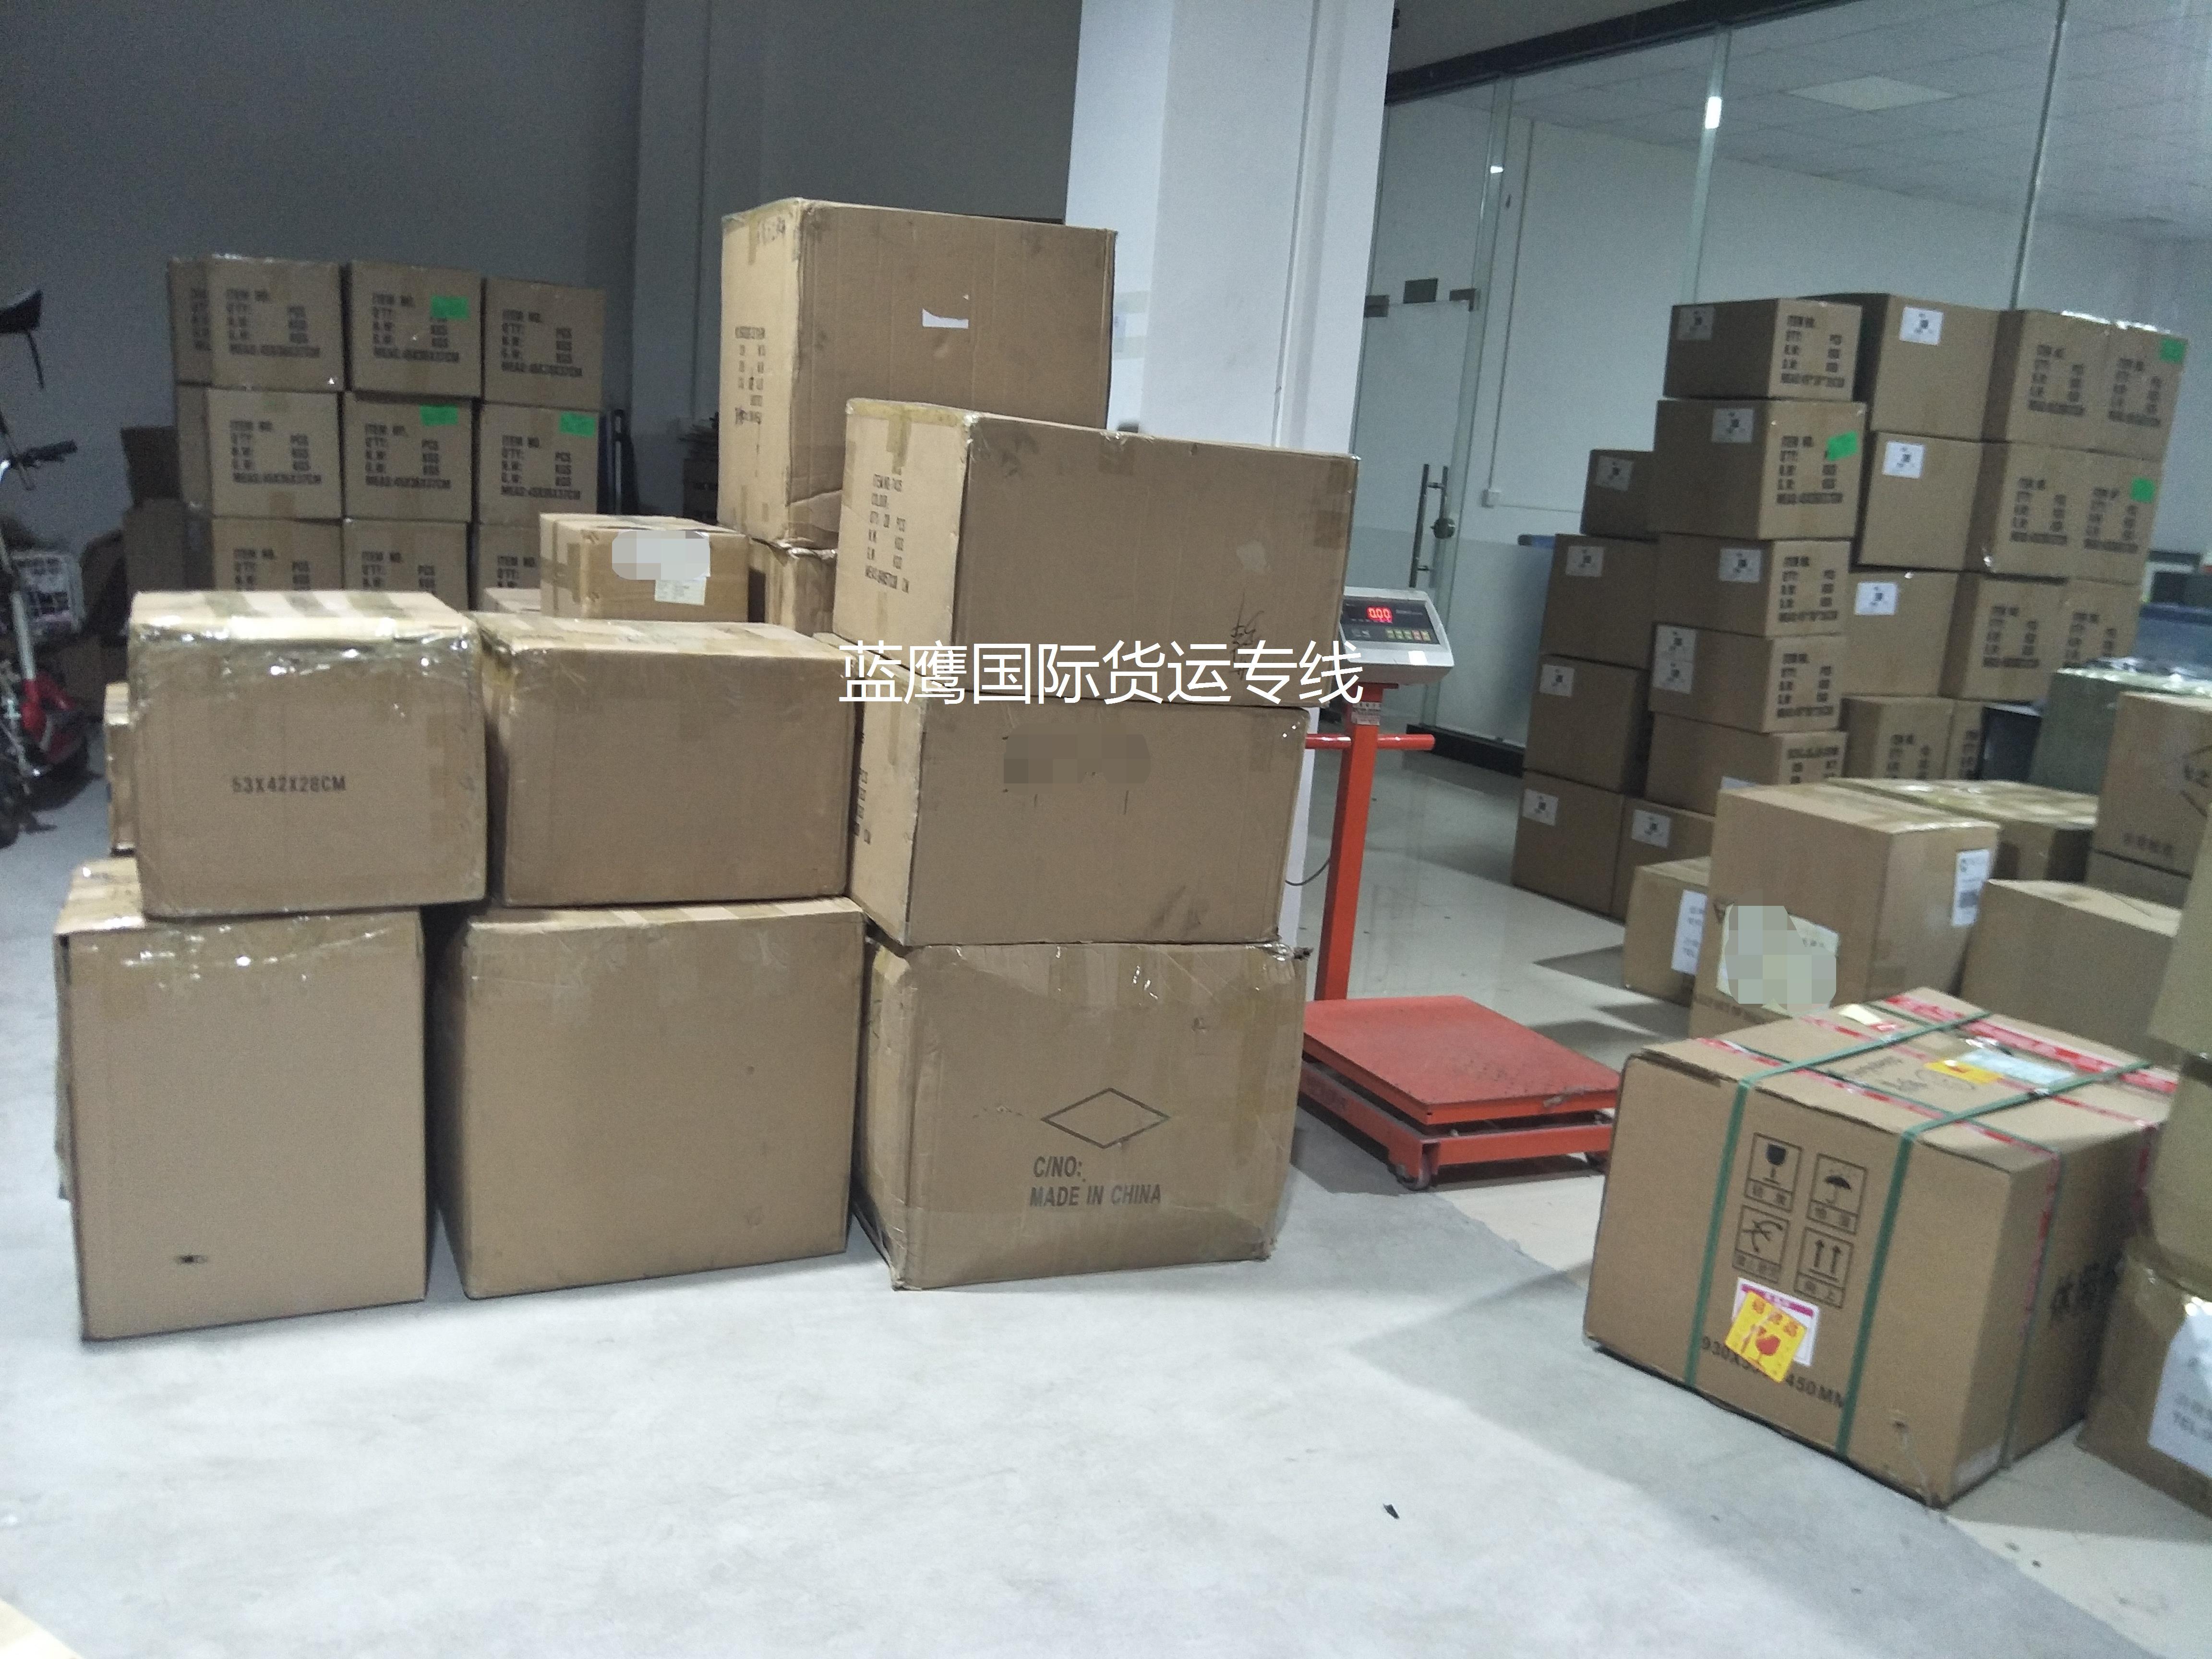 私人物品怎么快递回台湾_几天会到